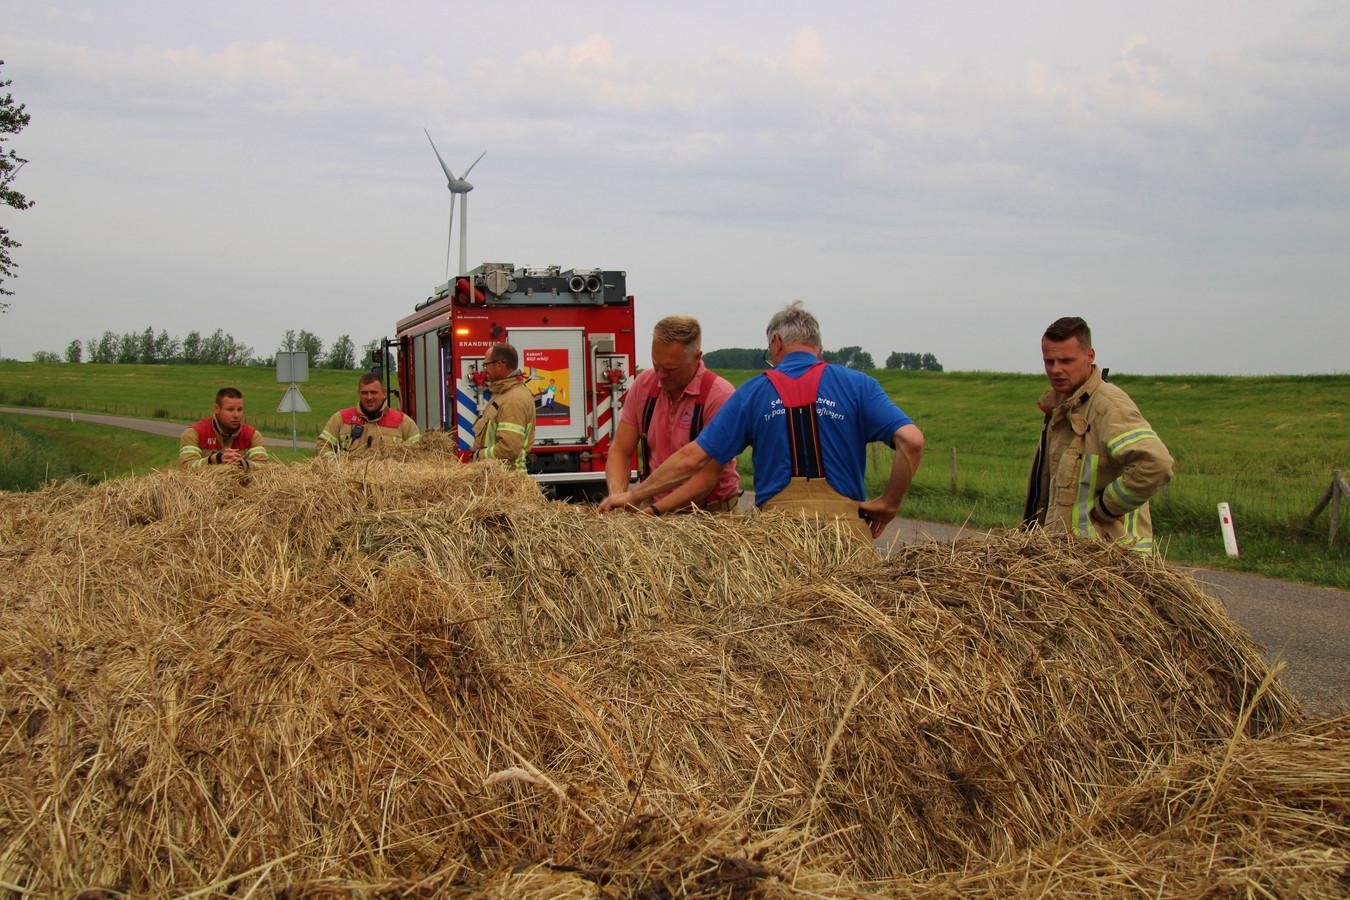 De brandweer besloot dat de hooibalen uit de berm moesten worden weggehaald.